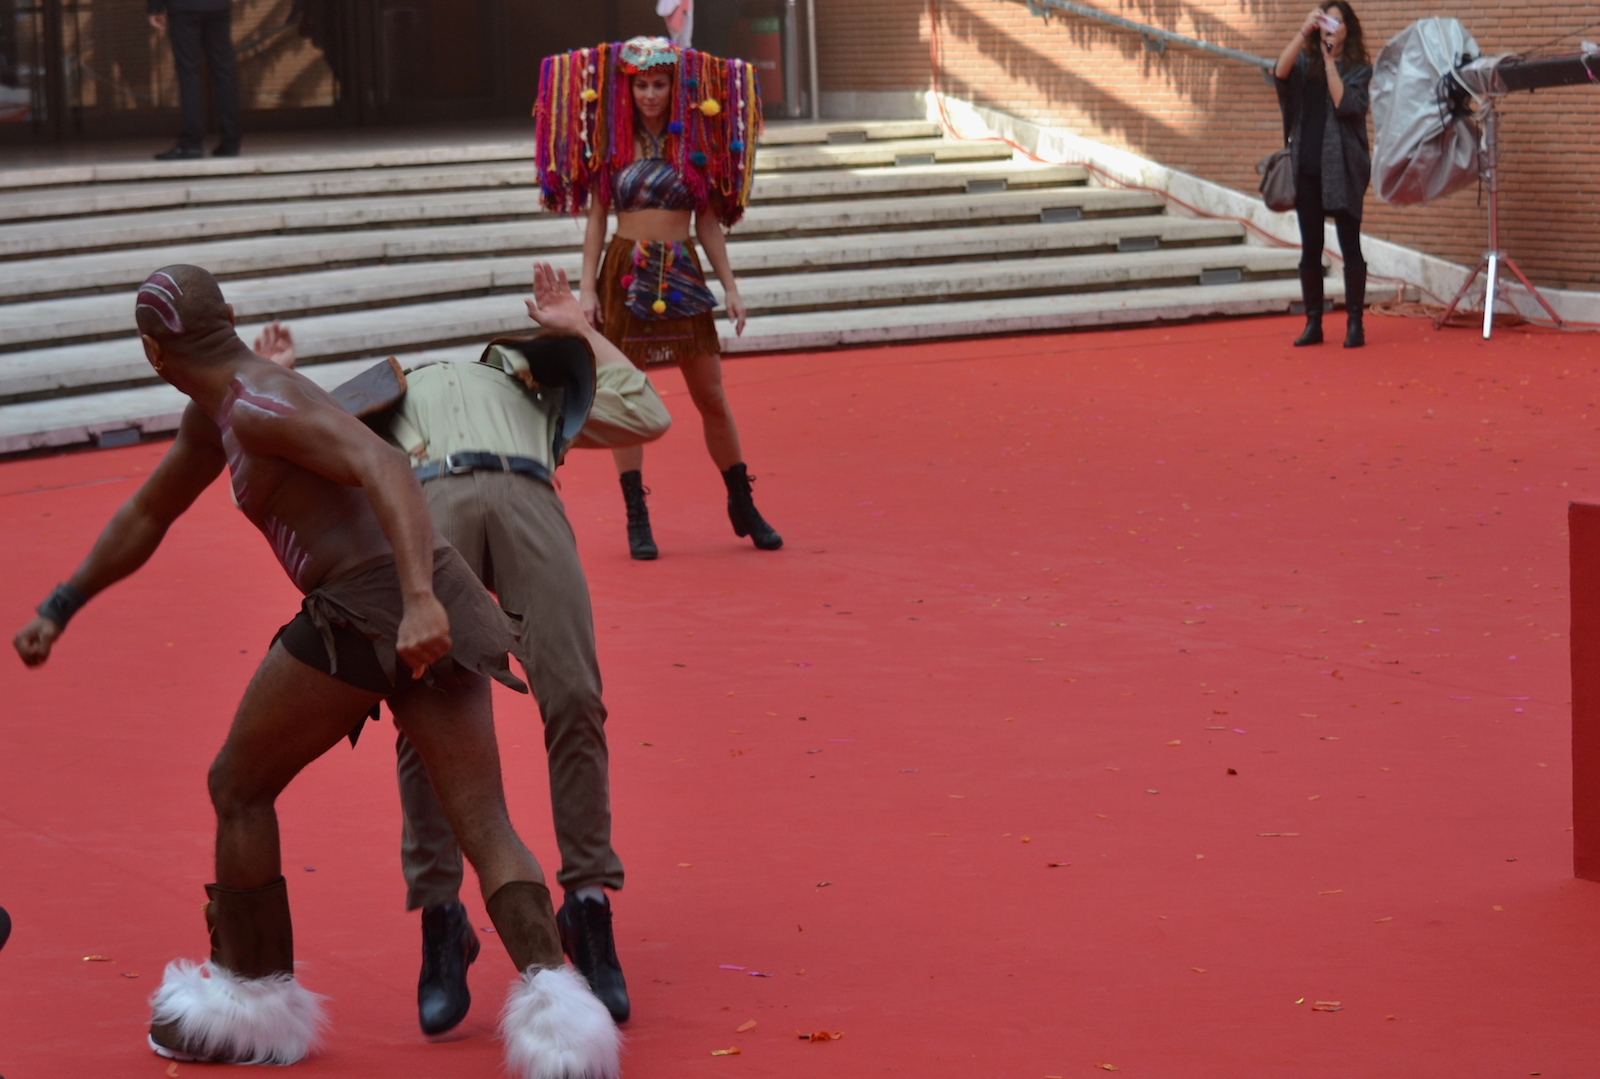 Roma 2015: un istante del red carpet animato di Pan - Viaggio sull'isola che non c'è